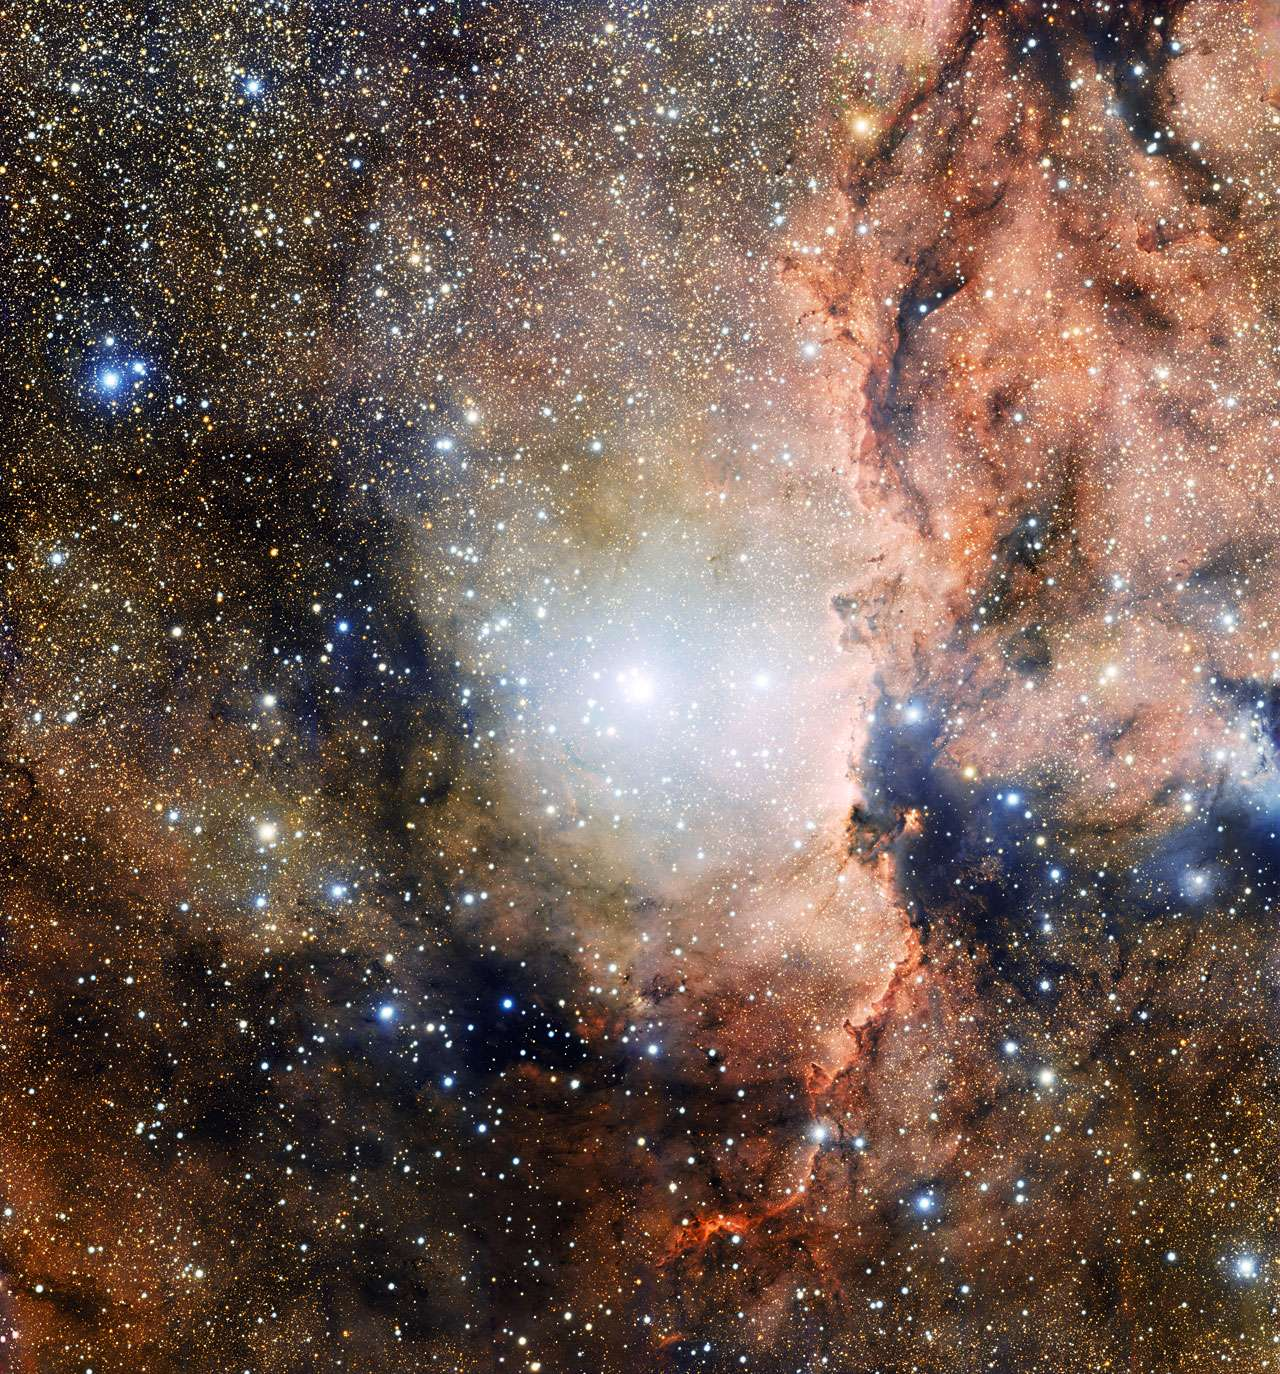 On découvre sur cette image acquise avec la caméra OmegaCam du VST, une partie de l'association stellaire Ara OB1. Au centre, figure le jeune amas ouvert NGC 6193 et dans la partie droite, on reconnait la nébuleuse en émission NGC 6188, illuminée par le rayonnement ionisant émis par les étoiles les plus brillantes qui se situent à proximité. Téléchargez l'image en haute résolution ici. © Eso